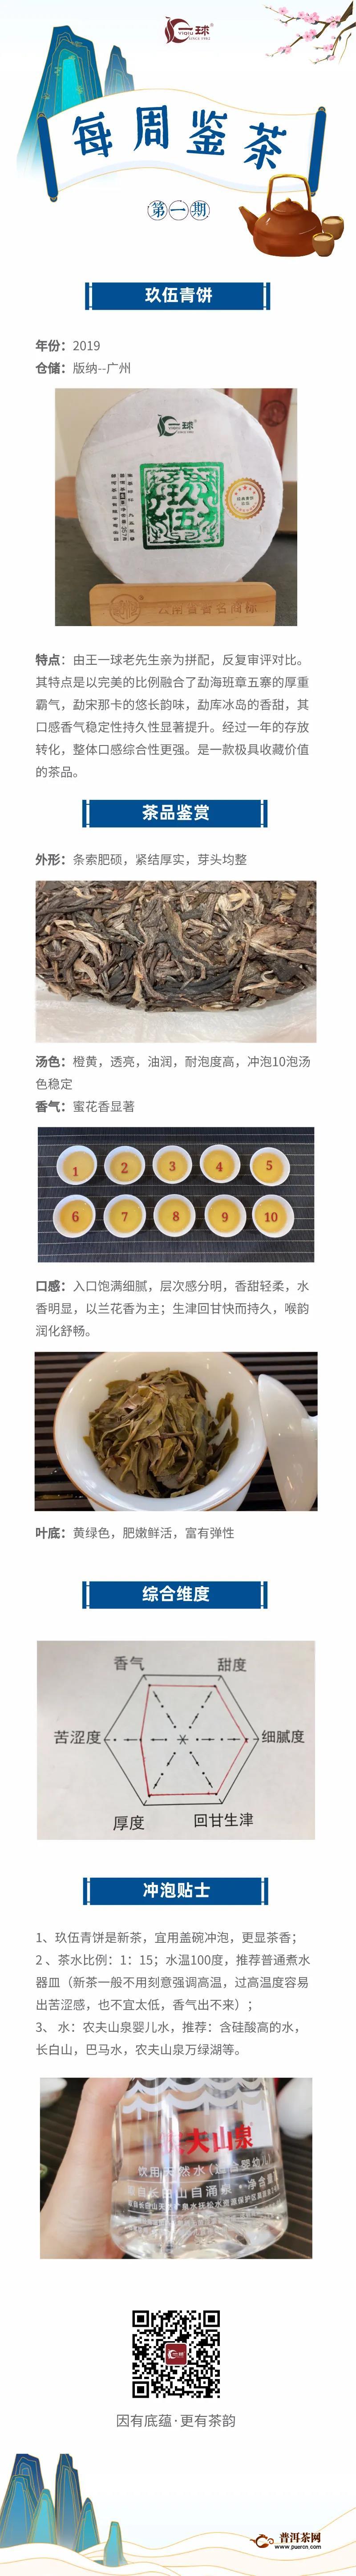 一球茶业每周鉴茶:玖伍青饼